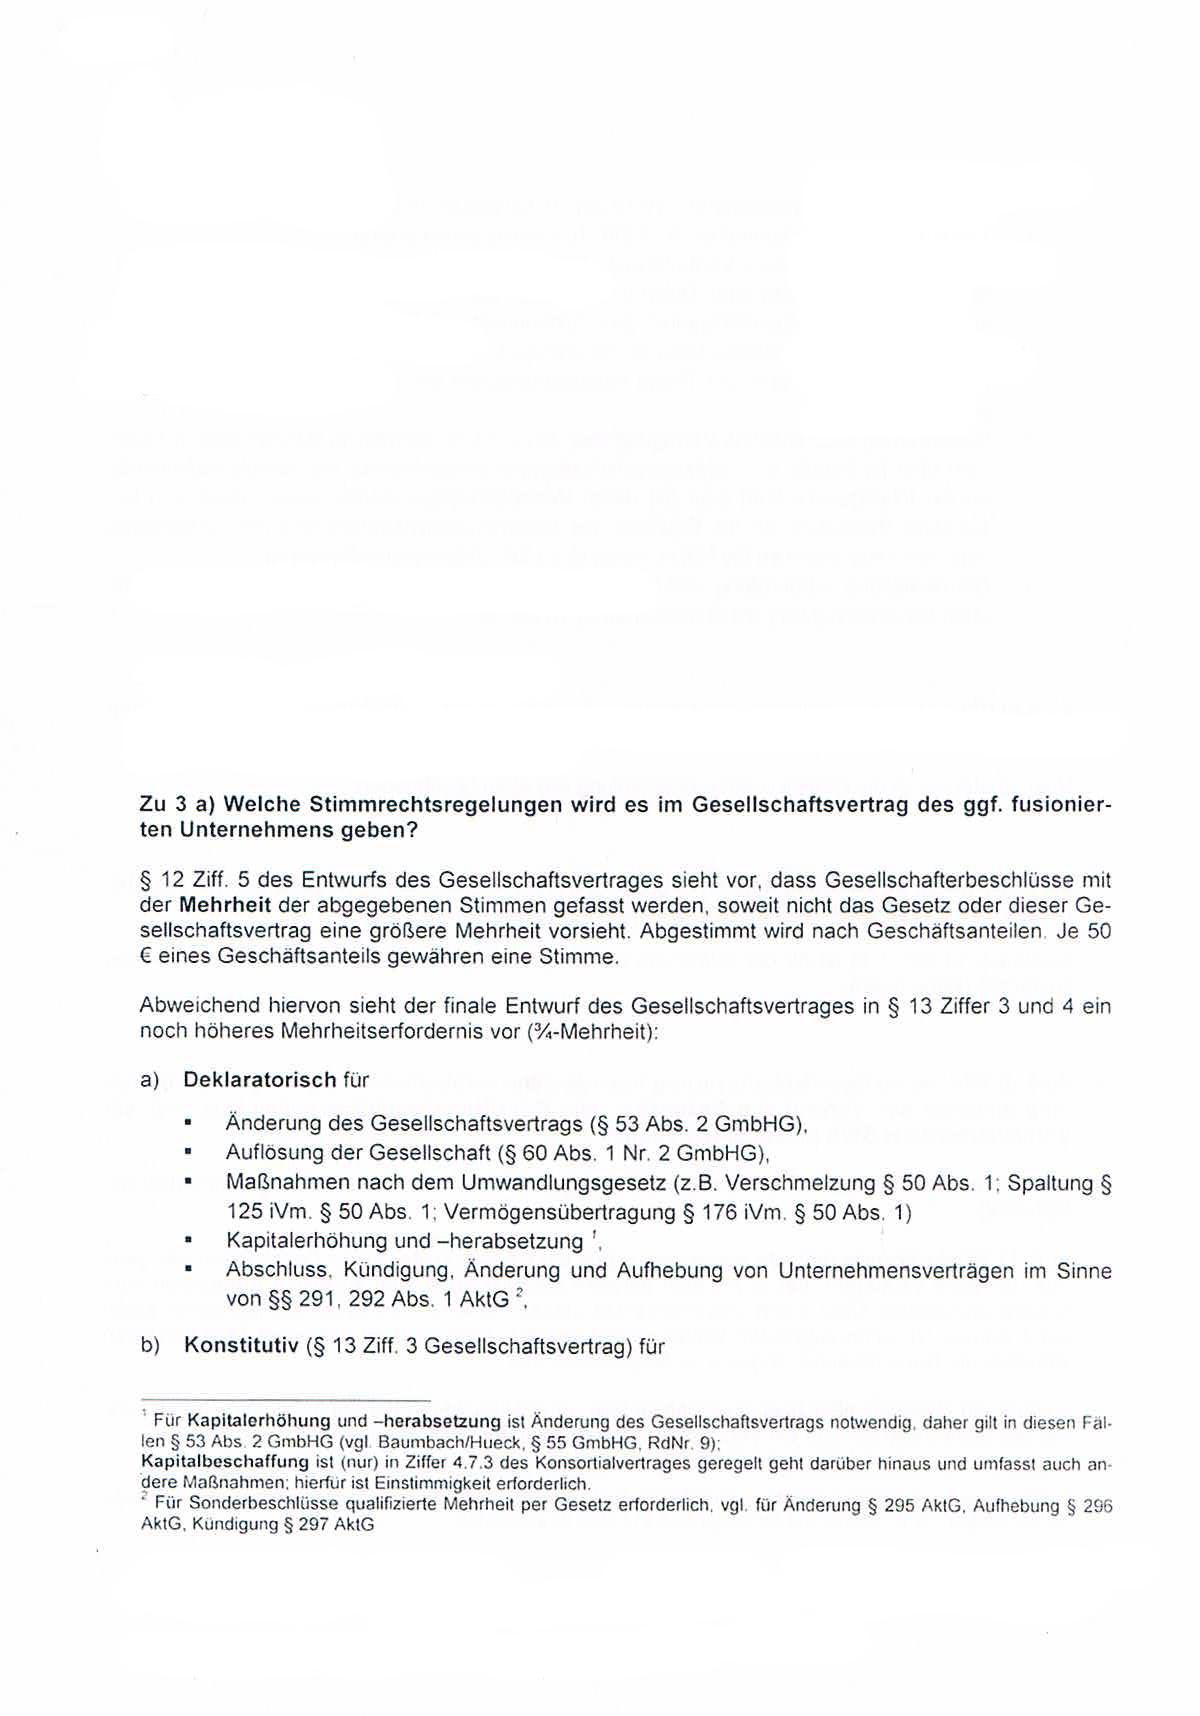 swa-Antwortschreiben vom 14.04.2015, Seite 1 -  geweißt